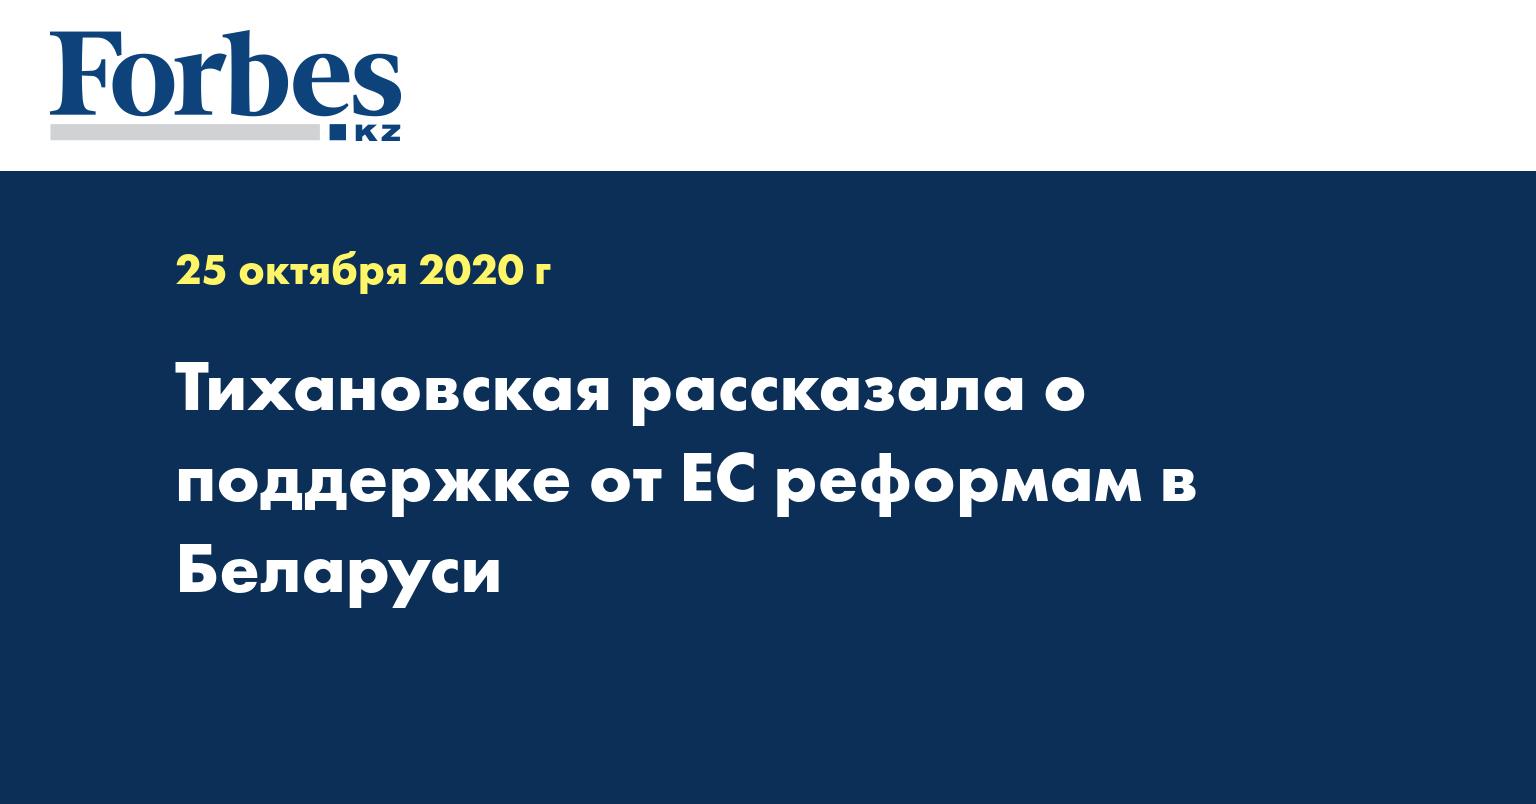 Тихановская рассказала о поддержке от ЕС реформам в Беларуси